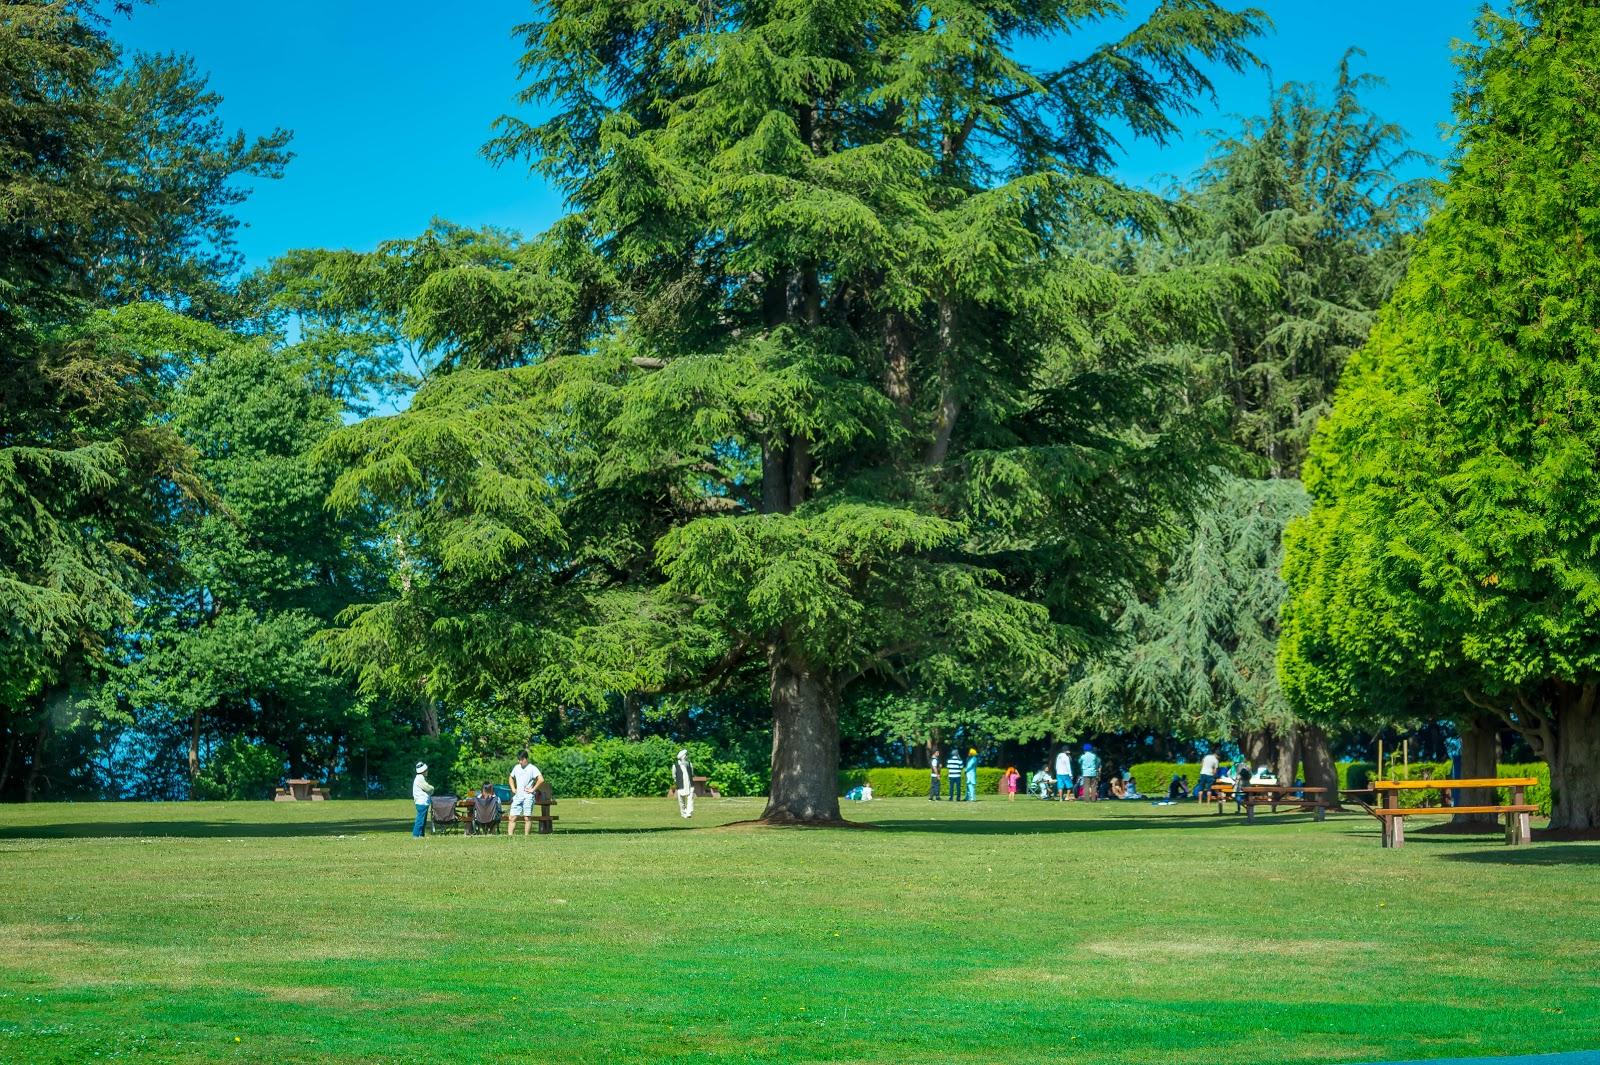 Для того чтобы размять ноги, здесь есть уютный парк со столами для пикника и прогулочными дорожками.